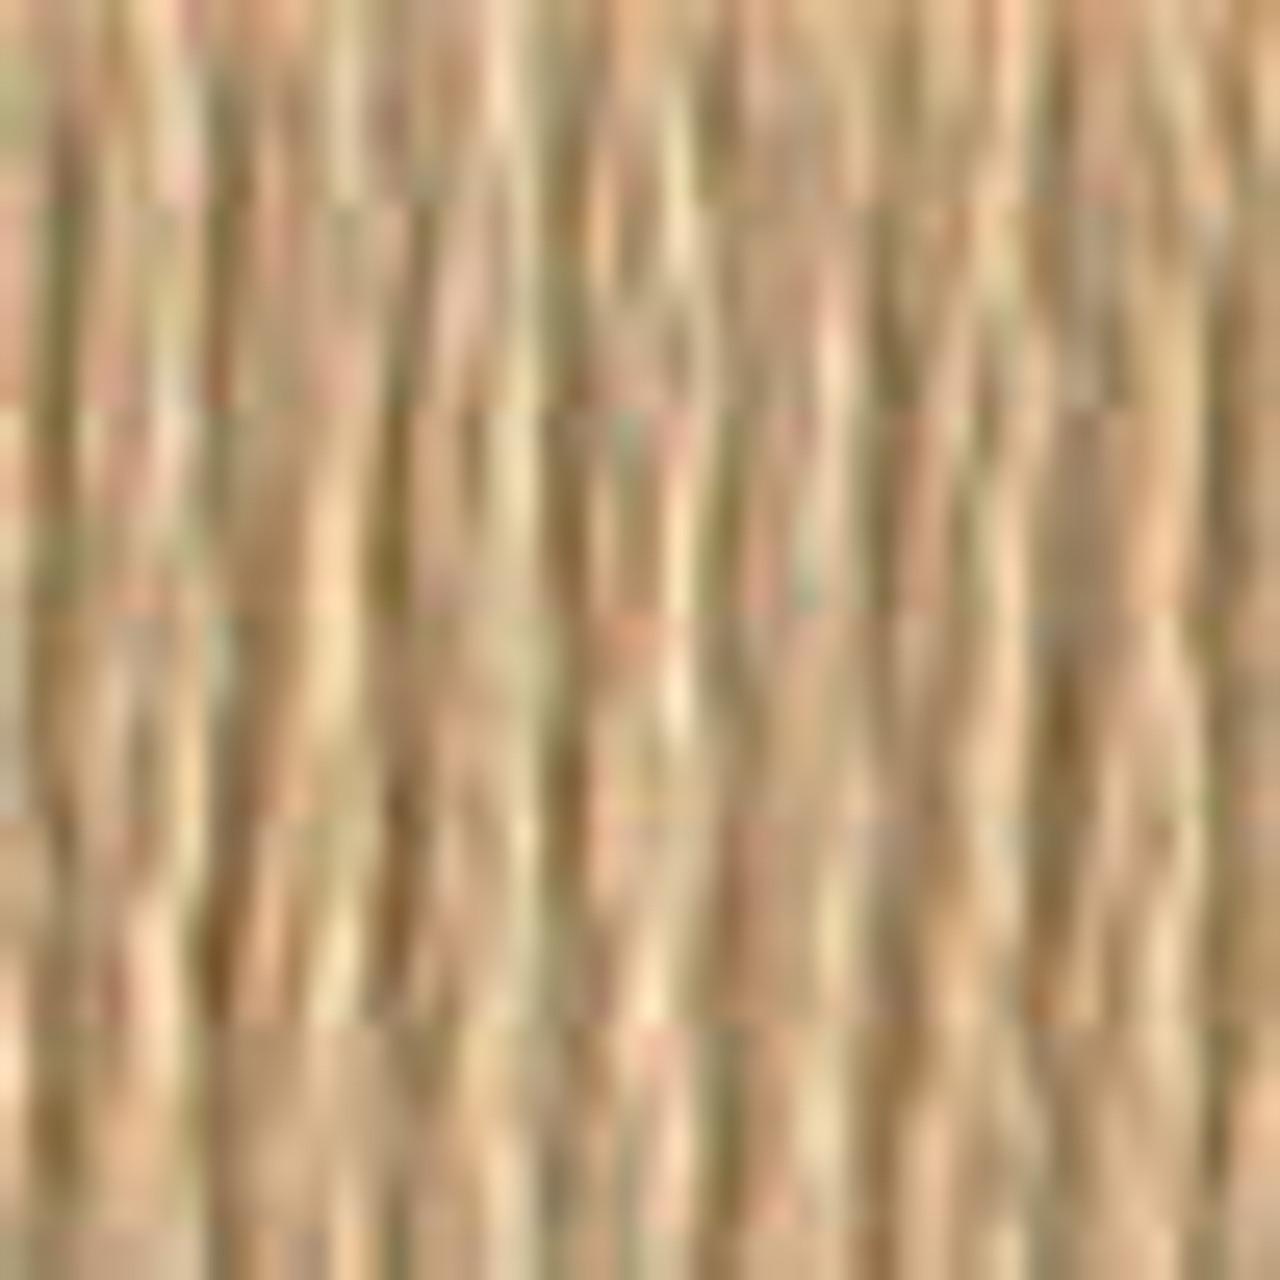 DMC # 422 Light Hazelnut Brown Floss / Thread